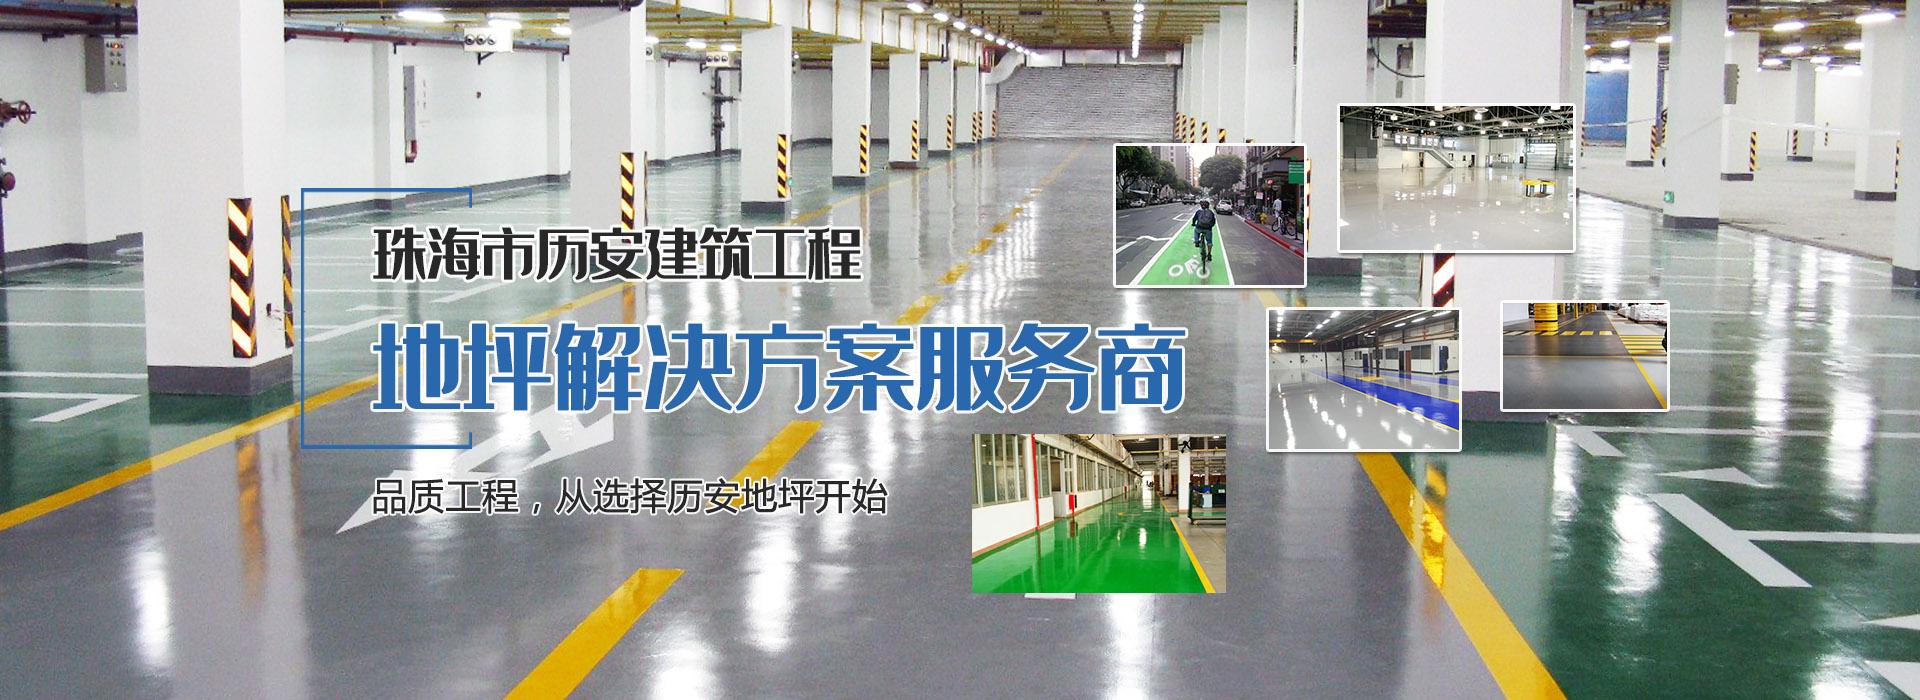 珠海市历安建筑工程有限公司